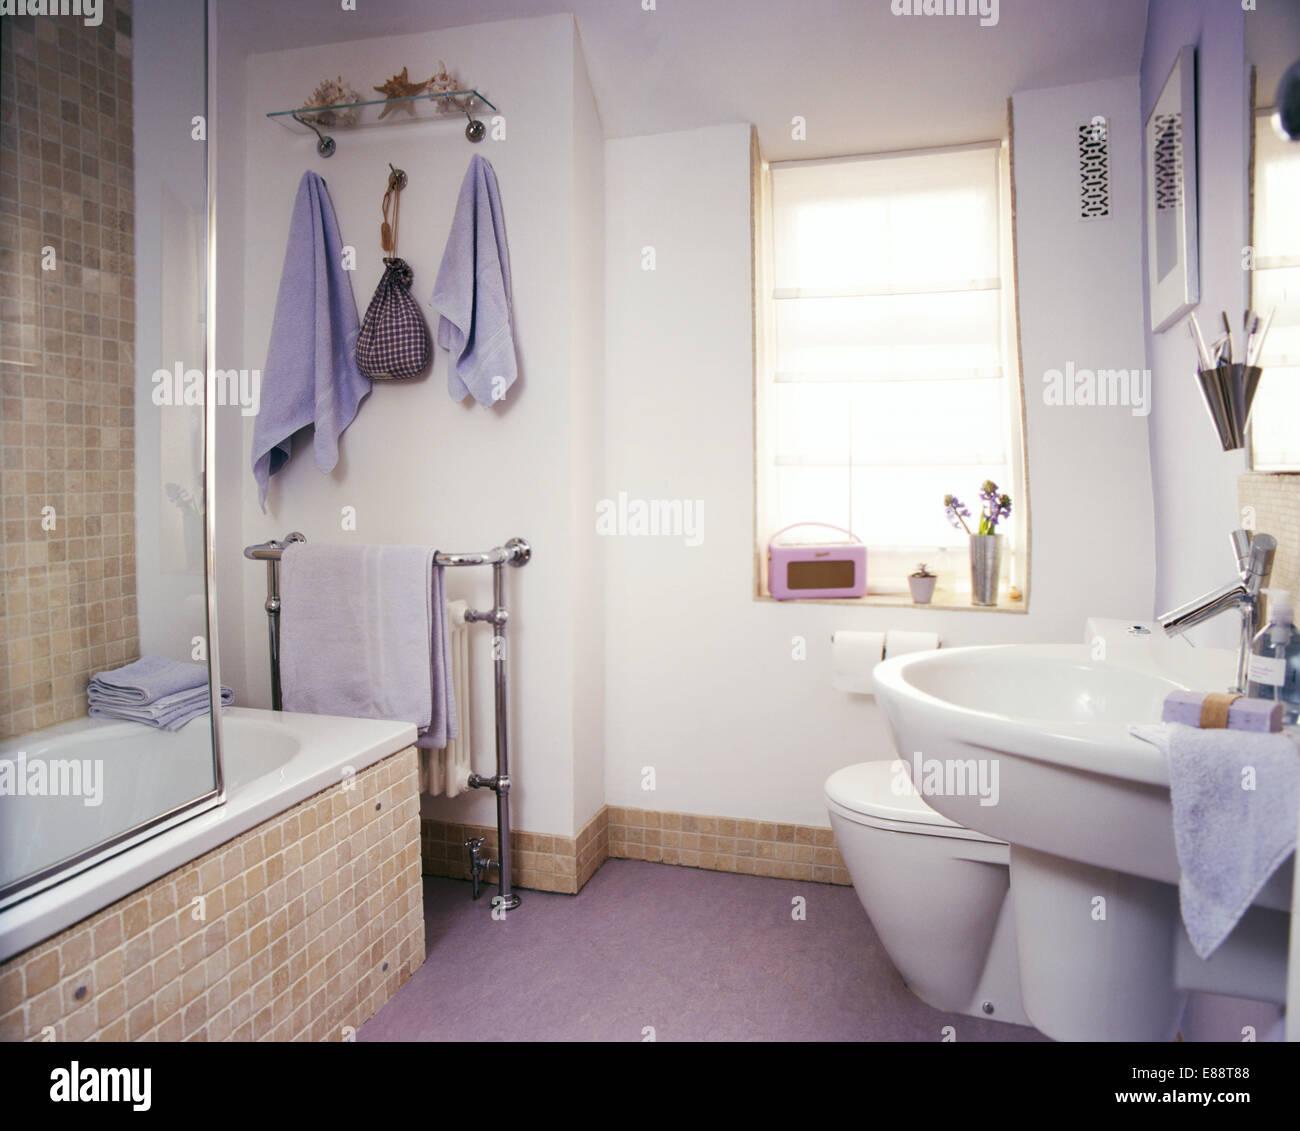 Petite Salle De Bain Style Scandinave ~ baignoire en mosa que beige surround et plinthe en salle de bains